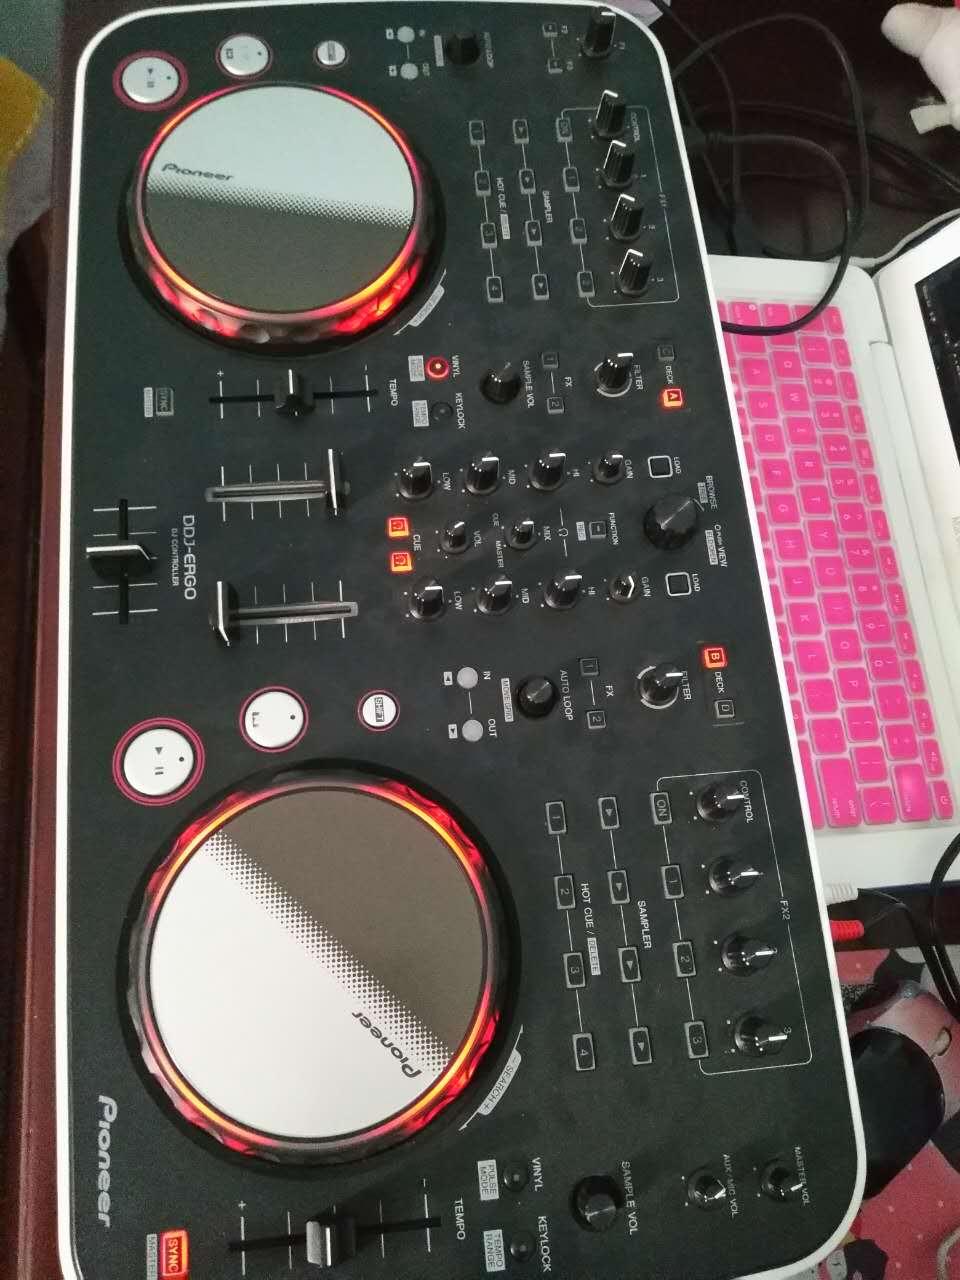 广州市亚歌电声设备有限公司:先锋DDJ-ERGO控制器